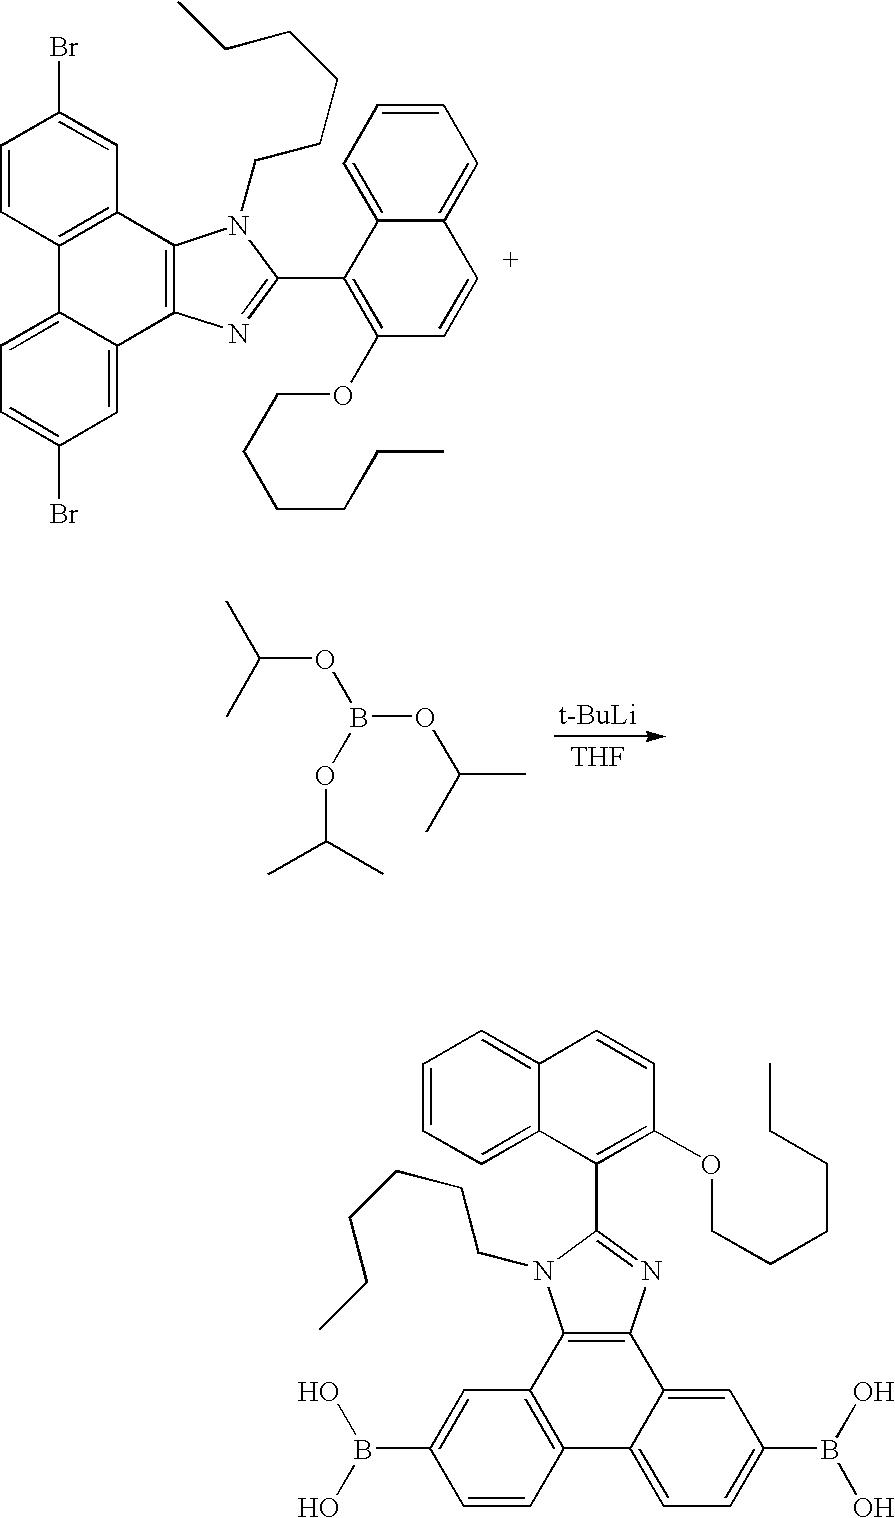 Figure US20090105447A1-20090423-C00154